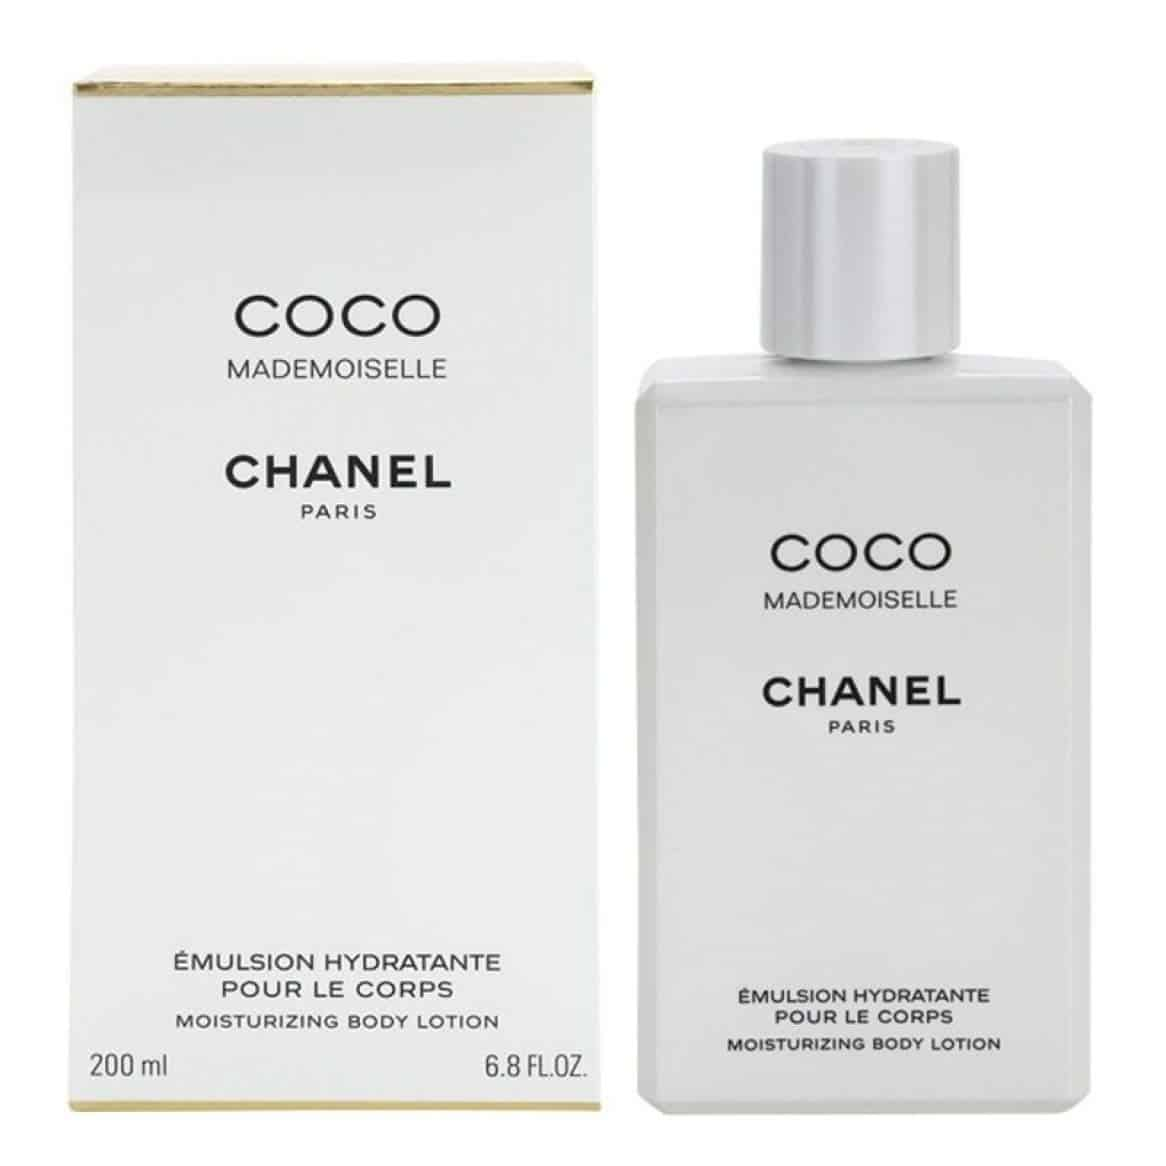 منتج COCO MADEMOISELLE Moisturizing Body Lotion من ماركة شانيل Chanel